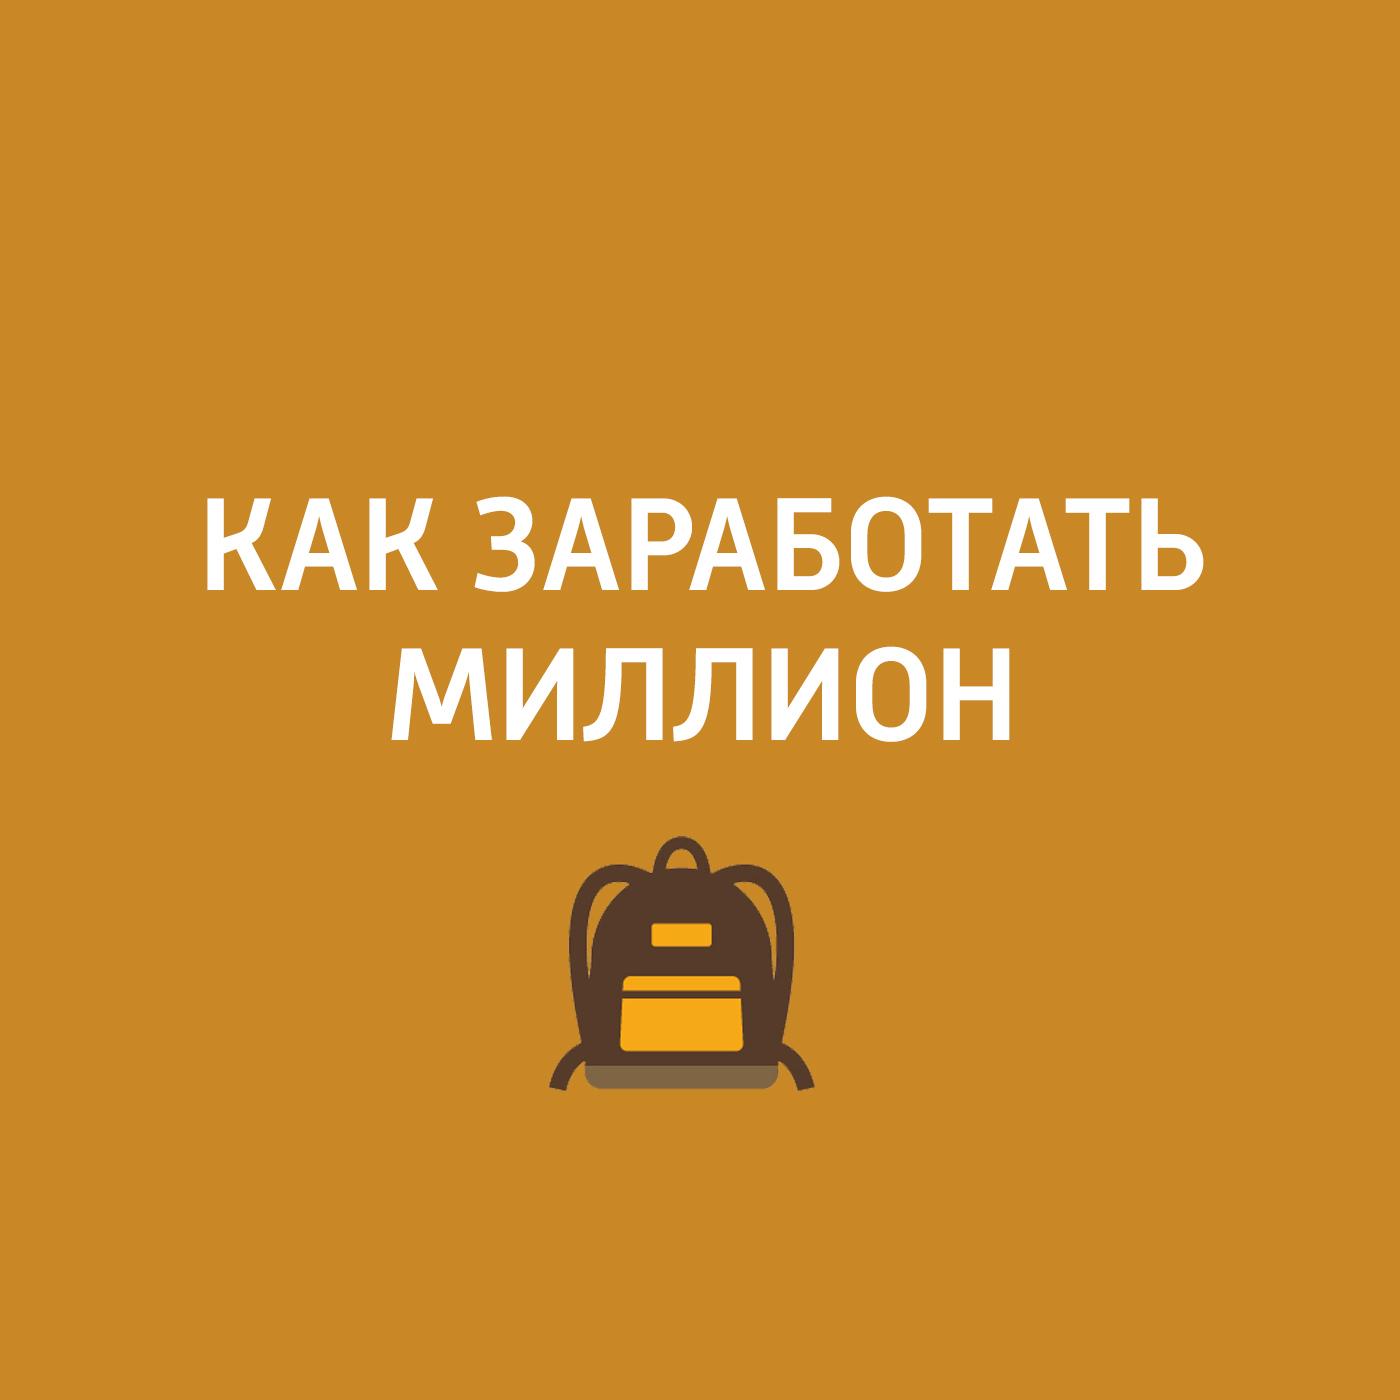 Творческий коллектив шоу «Сергей Стиллавин и его друзья» Сеть семейных кафе АндерСон